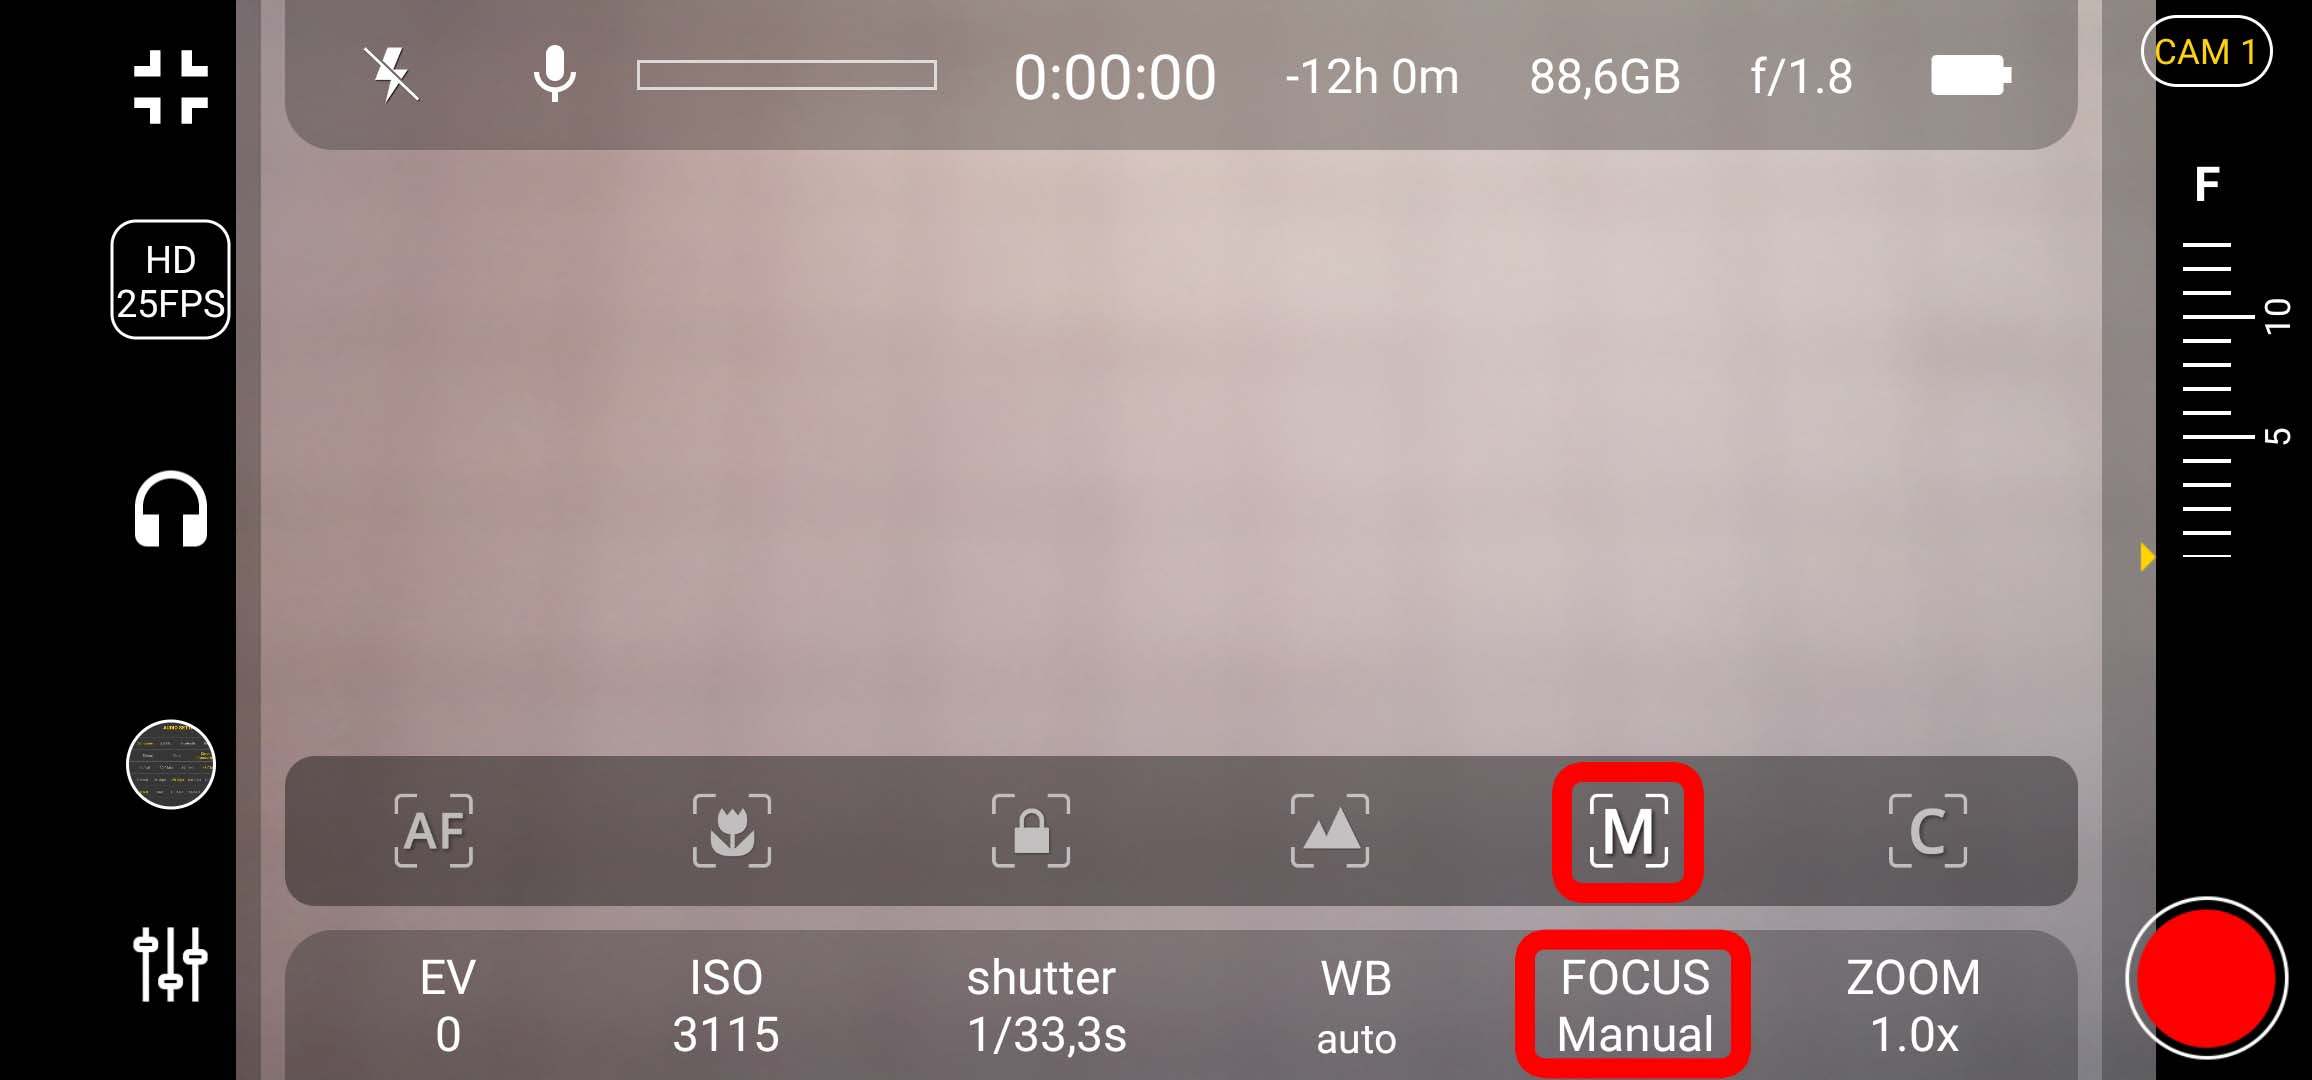 4k Camera Pro - Focus auf manuellen Modus einstellen